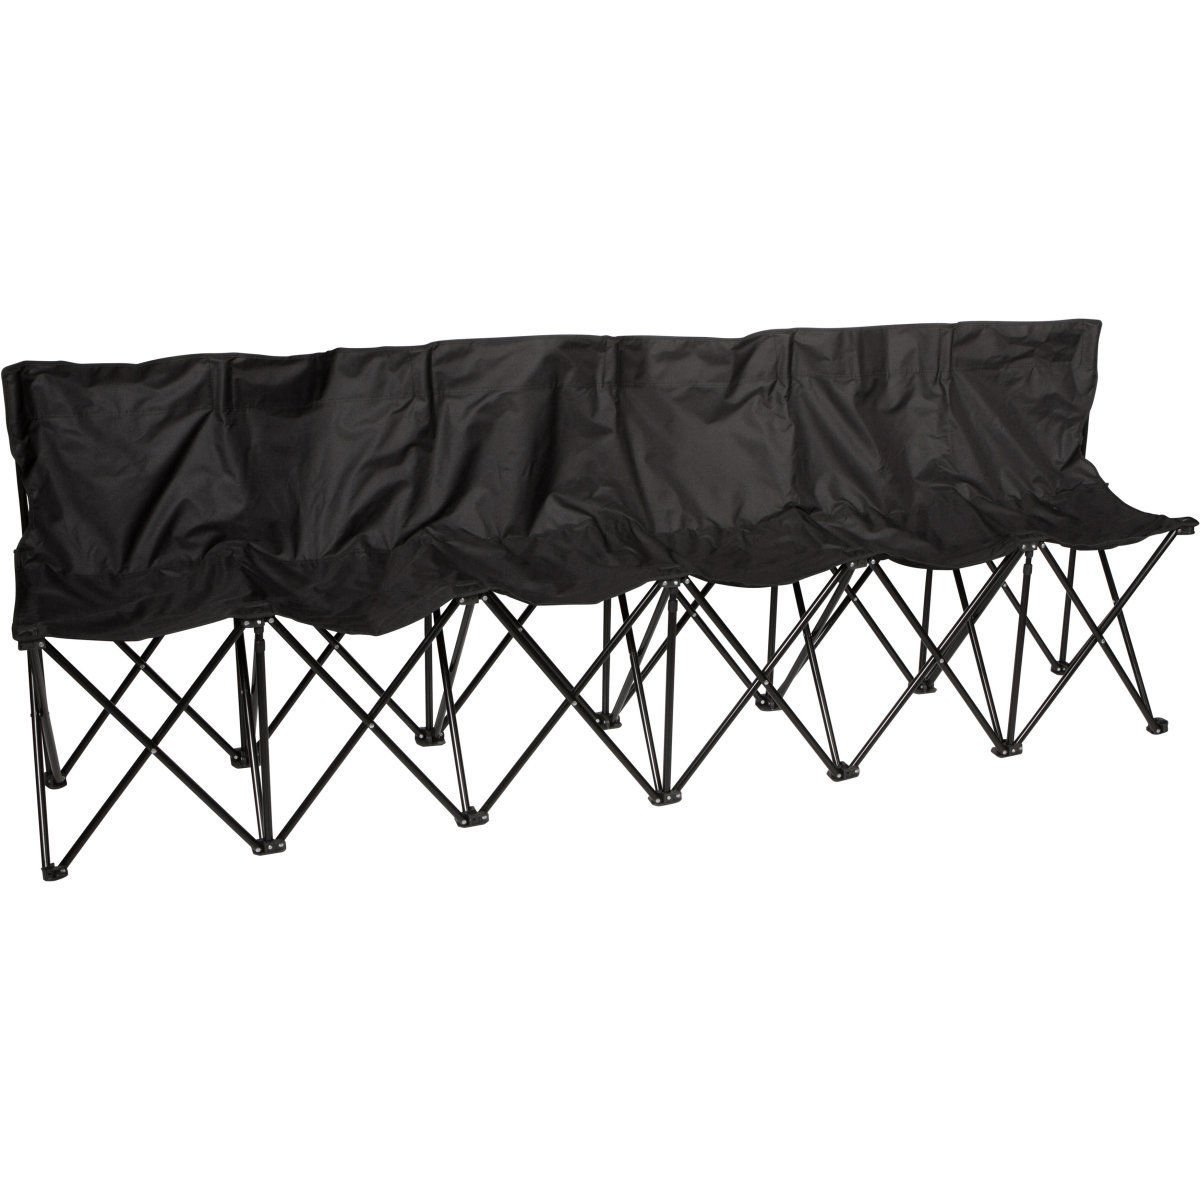 Tekウィジェットポータブル折りたたみ6 Seaterサイドラインベンチ椅子with Carryingバッグ B0734G5J53 ブラック ブラック